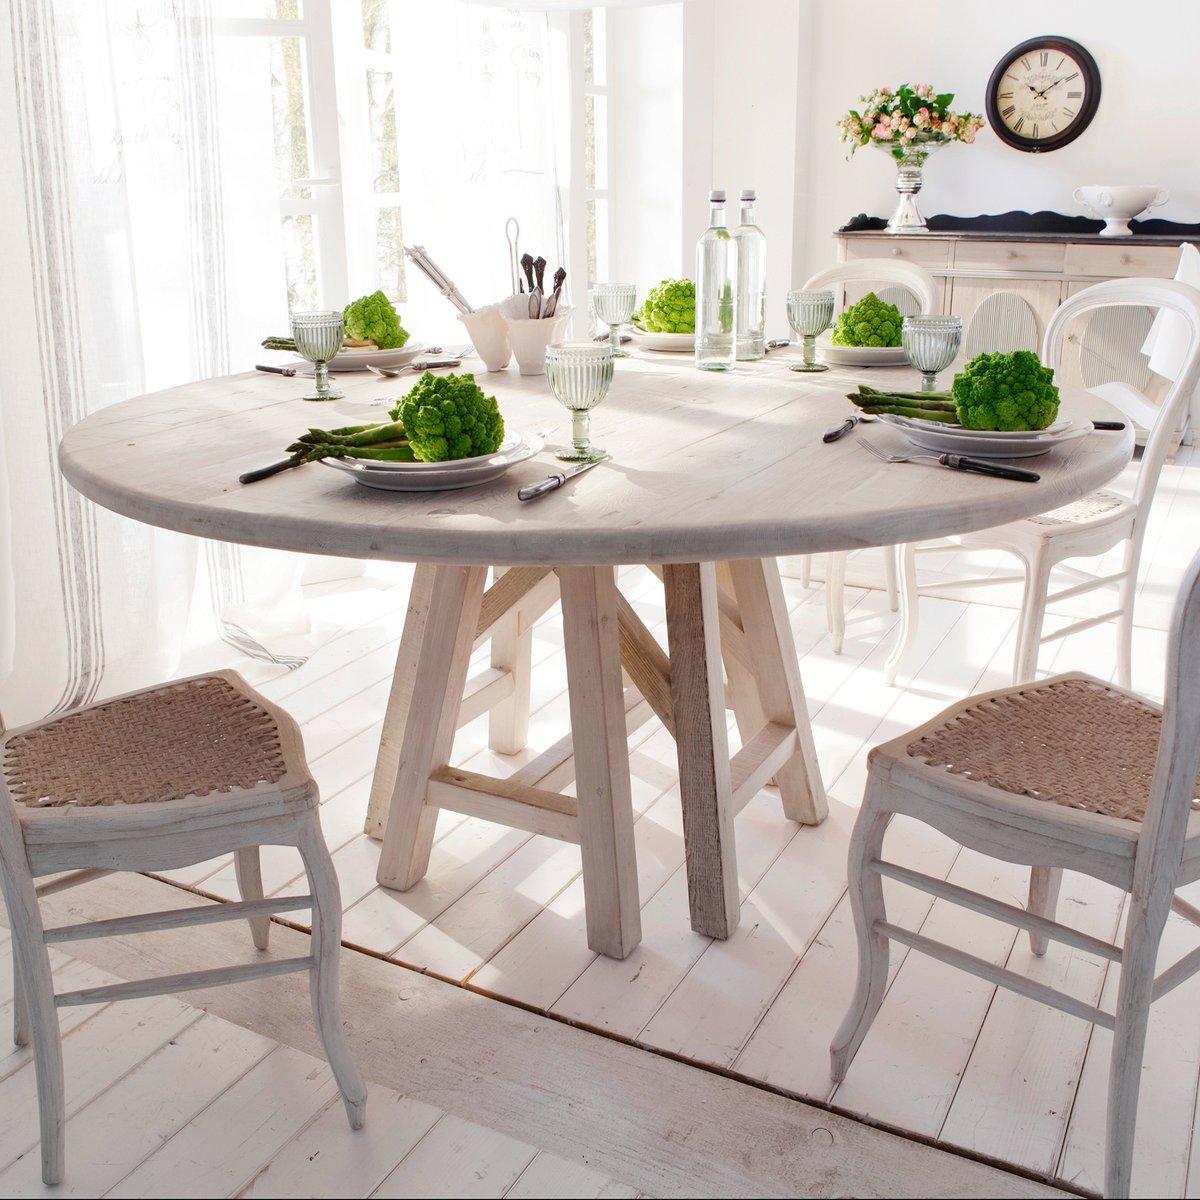 tisch online kaufen designer holztisch finest designer esstisch holz u deutsche dekor u online. Black Bedroom Furniture Sets. Home Design Ideas